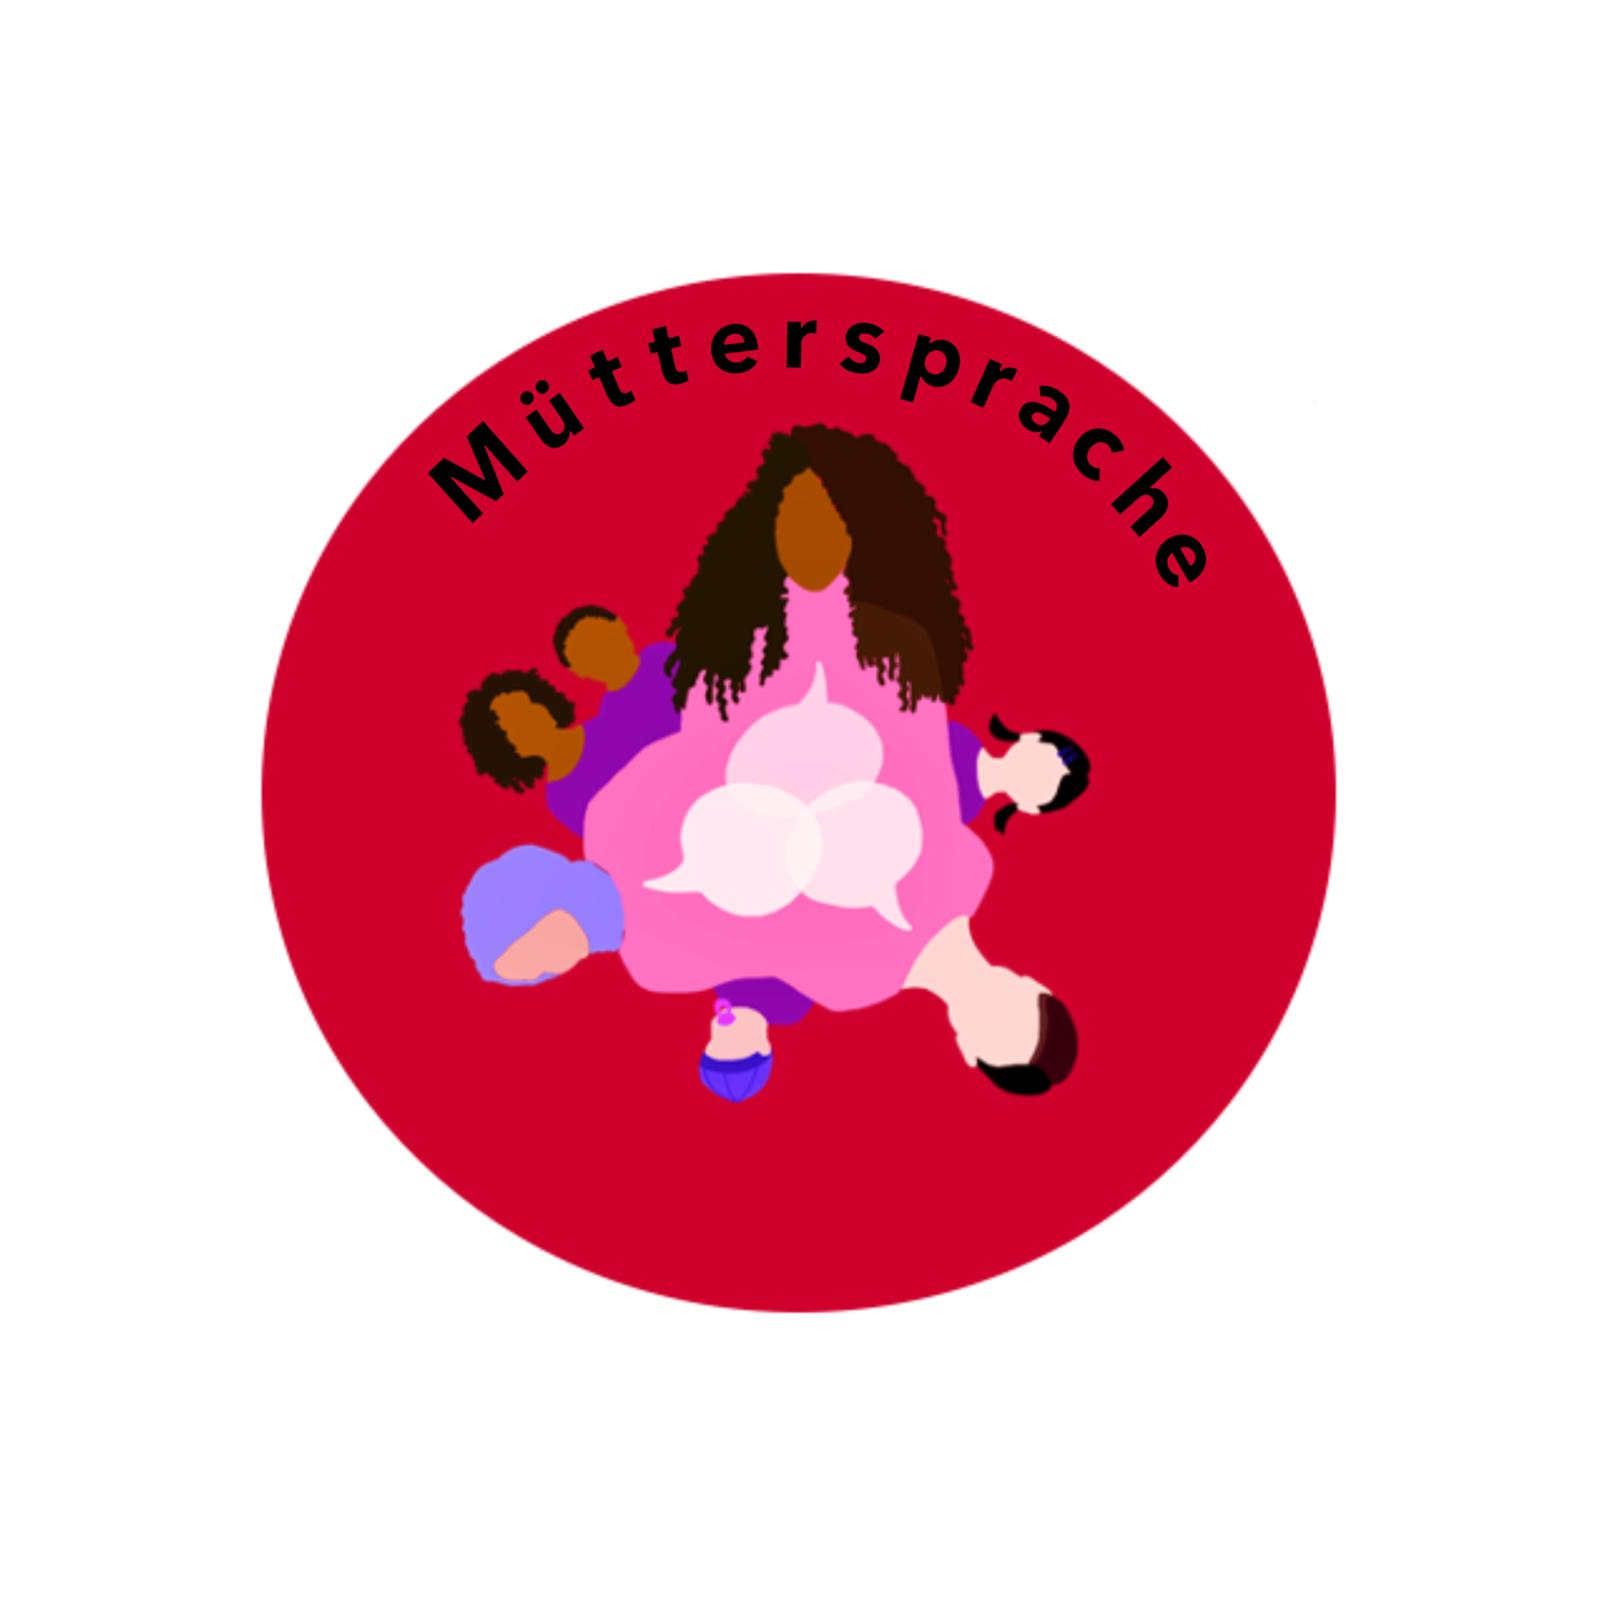 Müttersprache-Logo